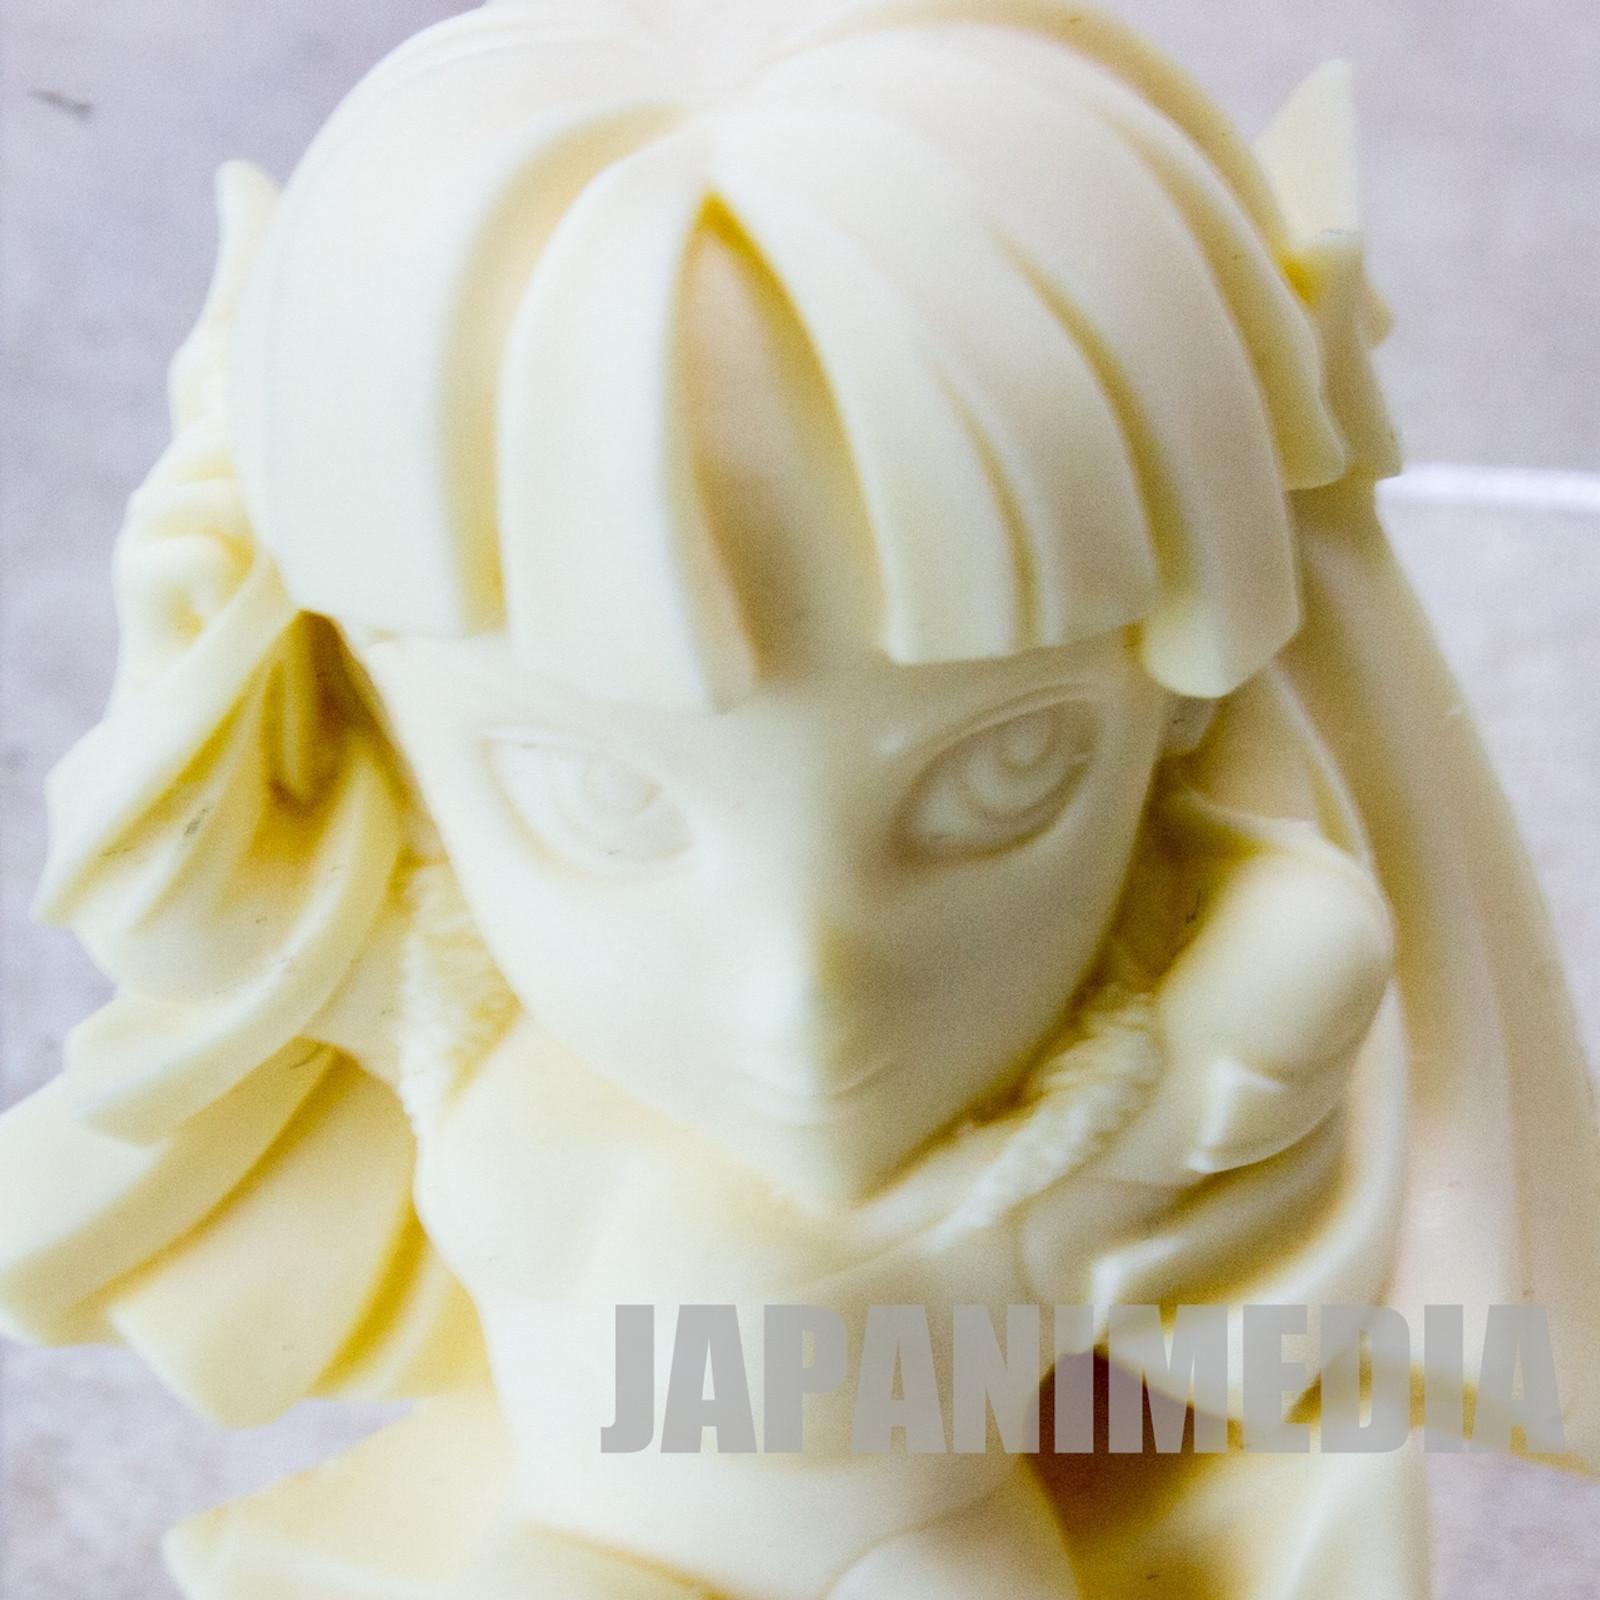 Darkstalkers (Vampire) MORRIGAN Resin Cast Model Kit Volks CAPCOM JAPAN GAME